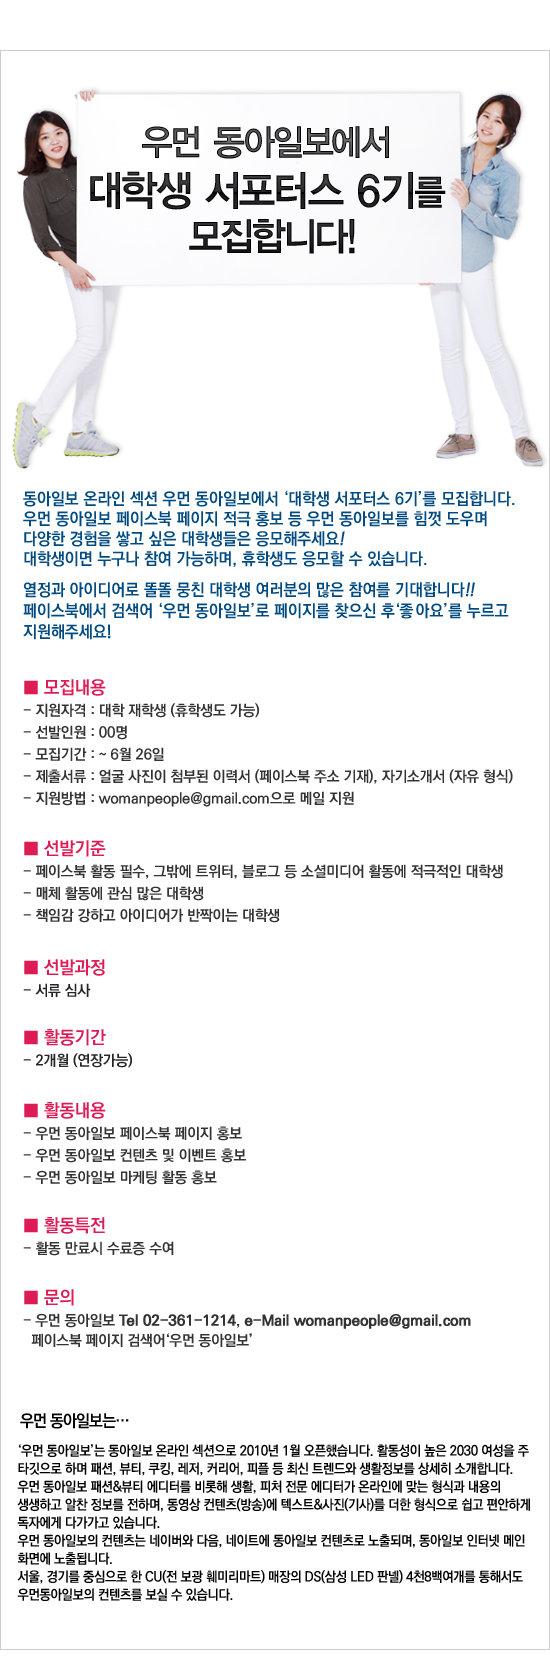 우먼 동아일보에서 대학생 서포터스 6기를 모집합니다!